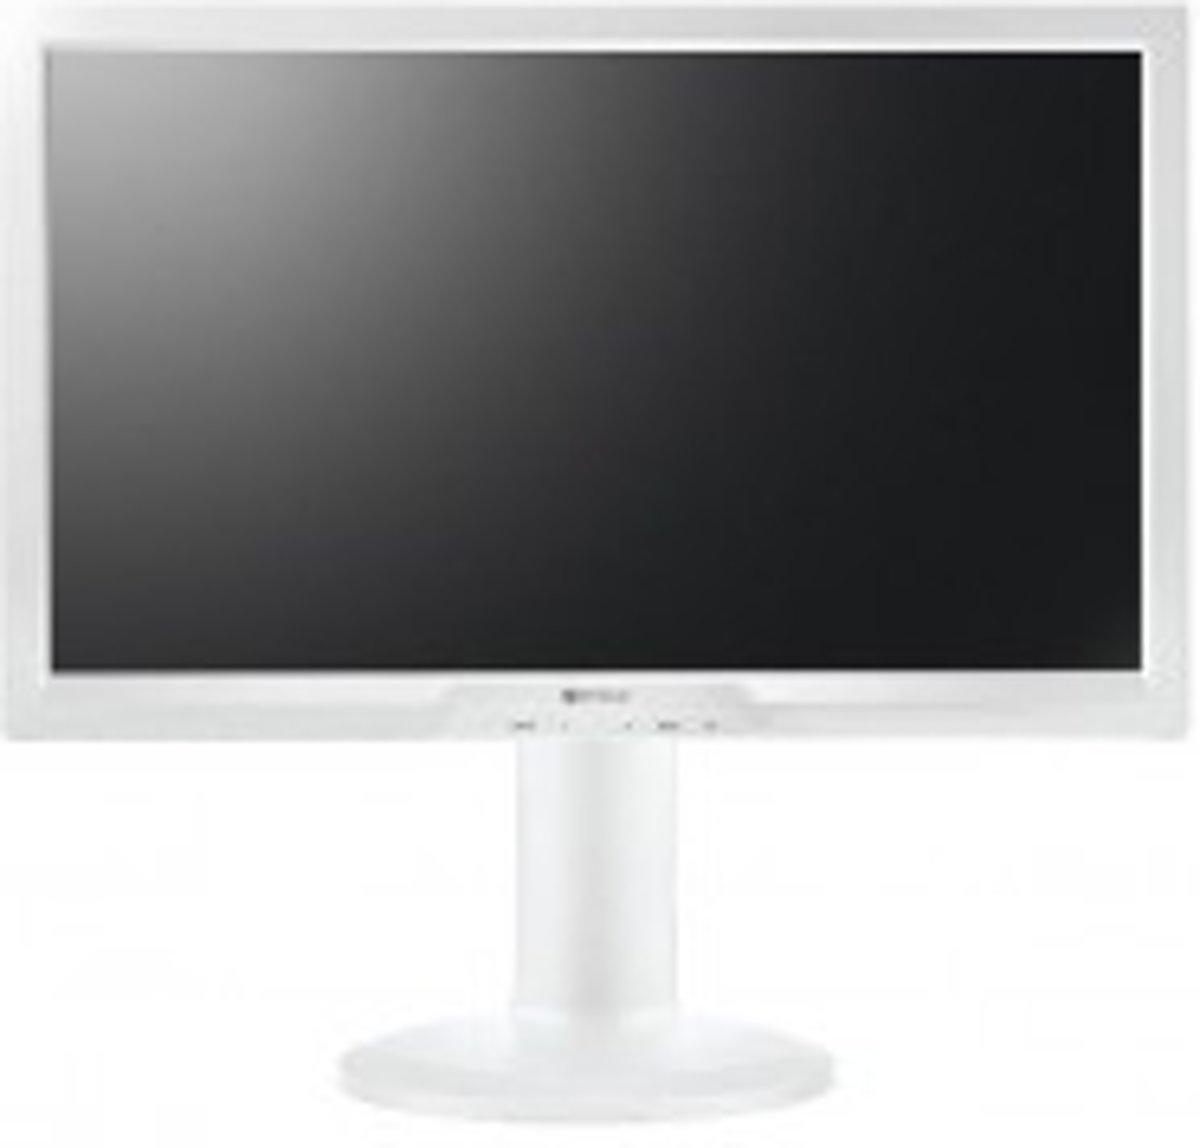 AG Neovo LE-22 - Full HD Monitor